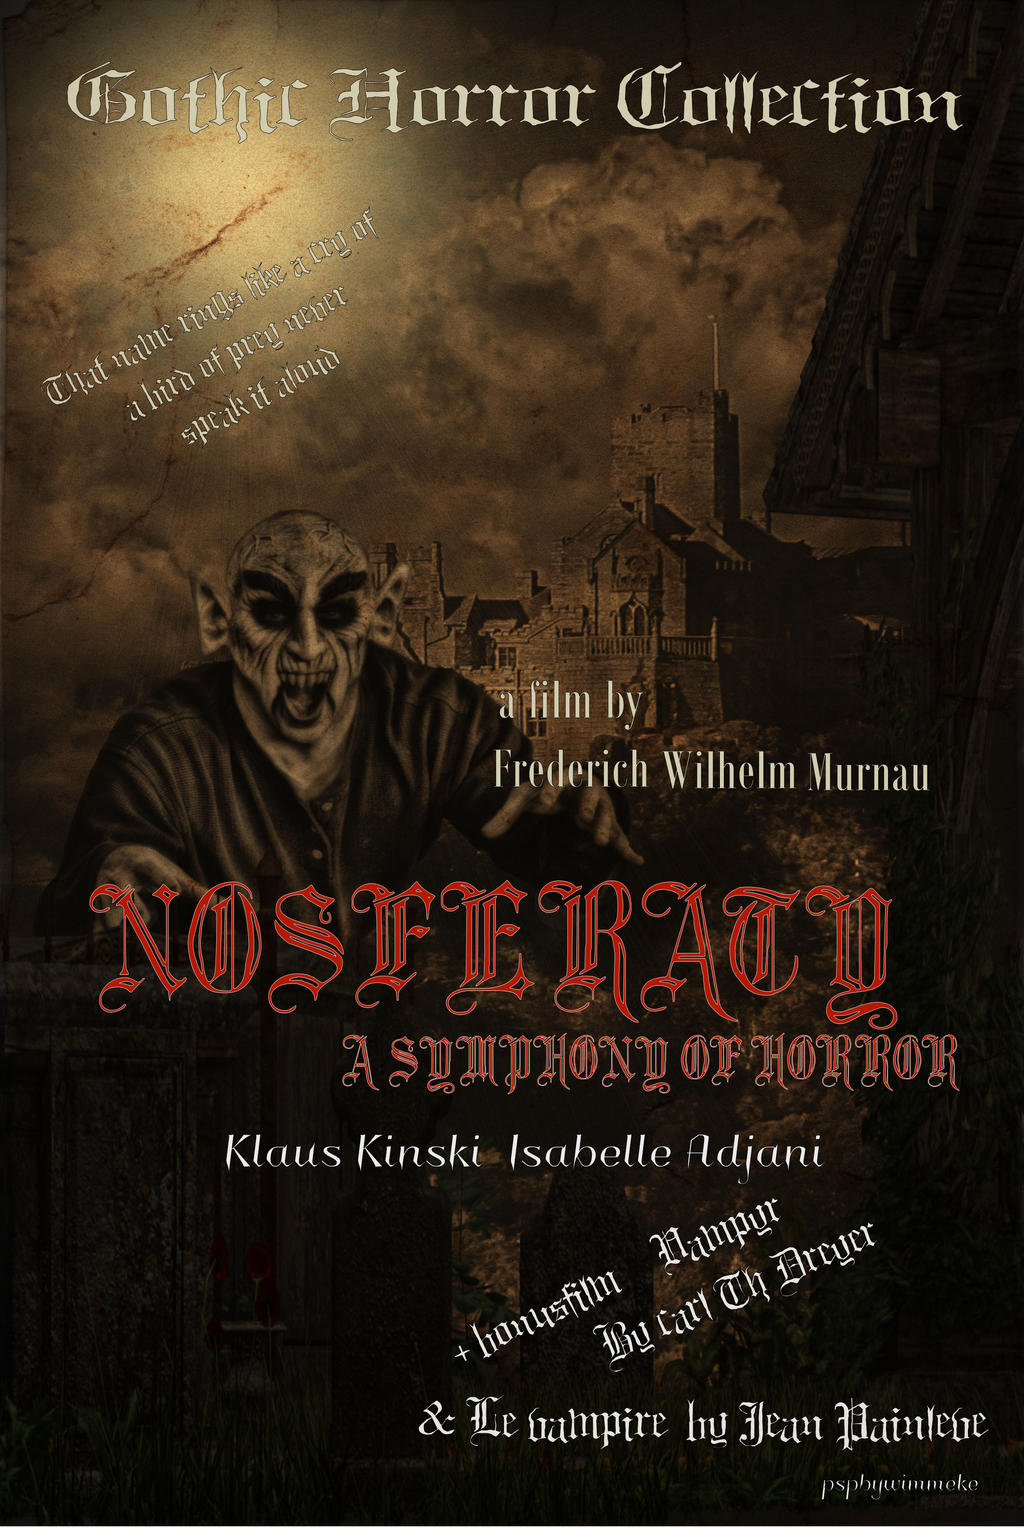 Nosferatu by Wimmeke63